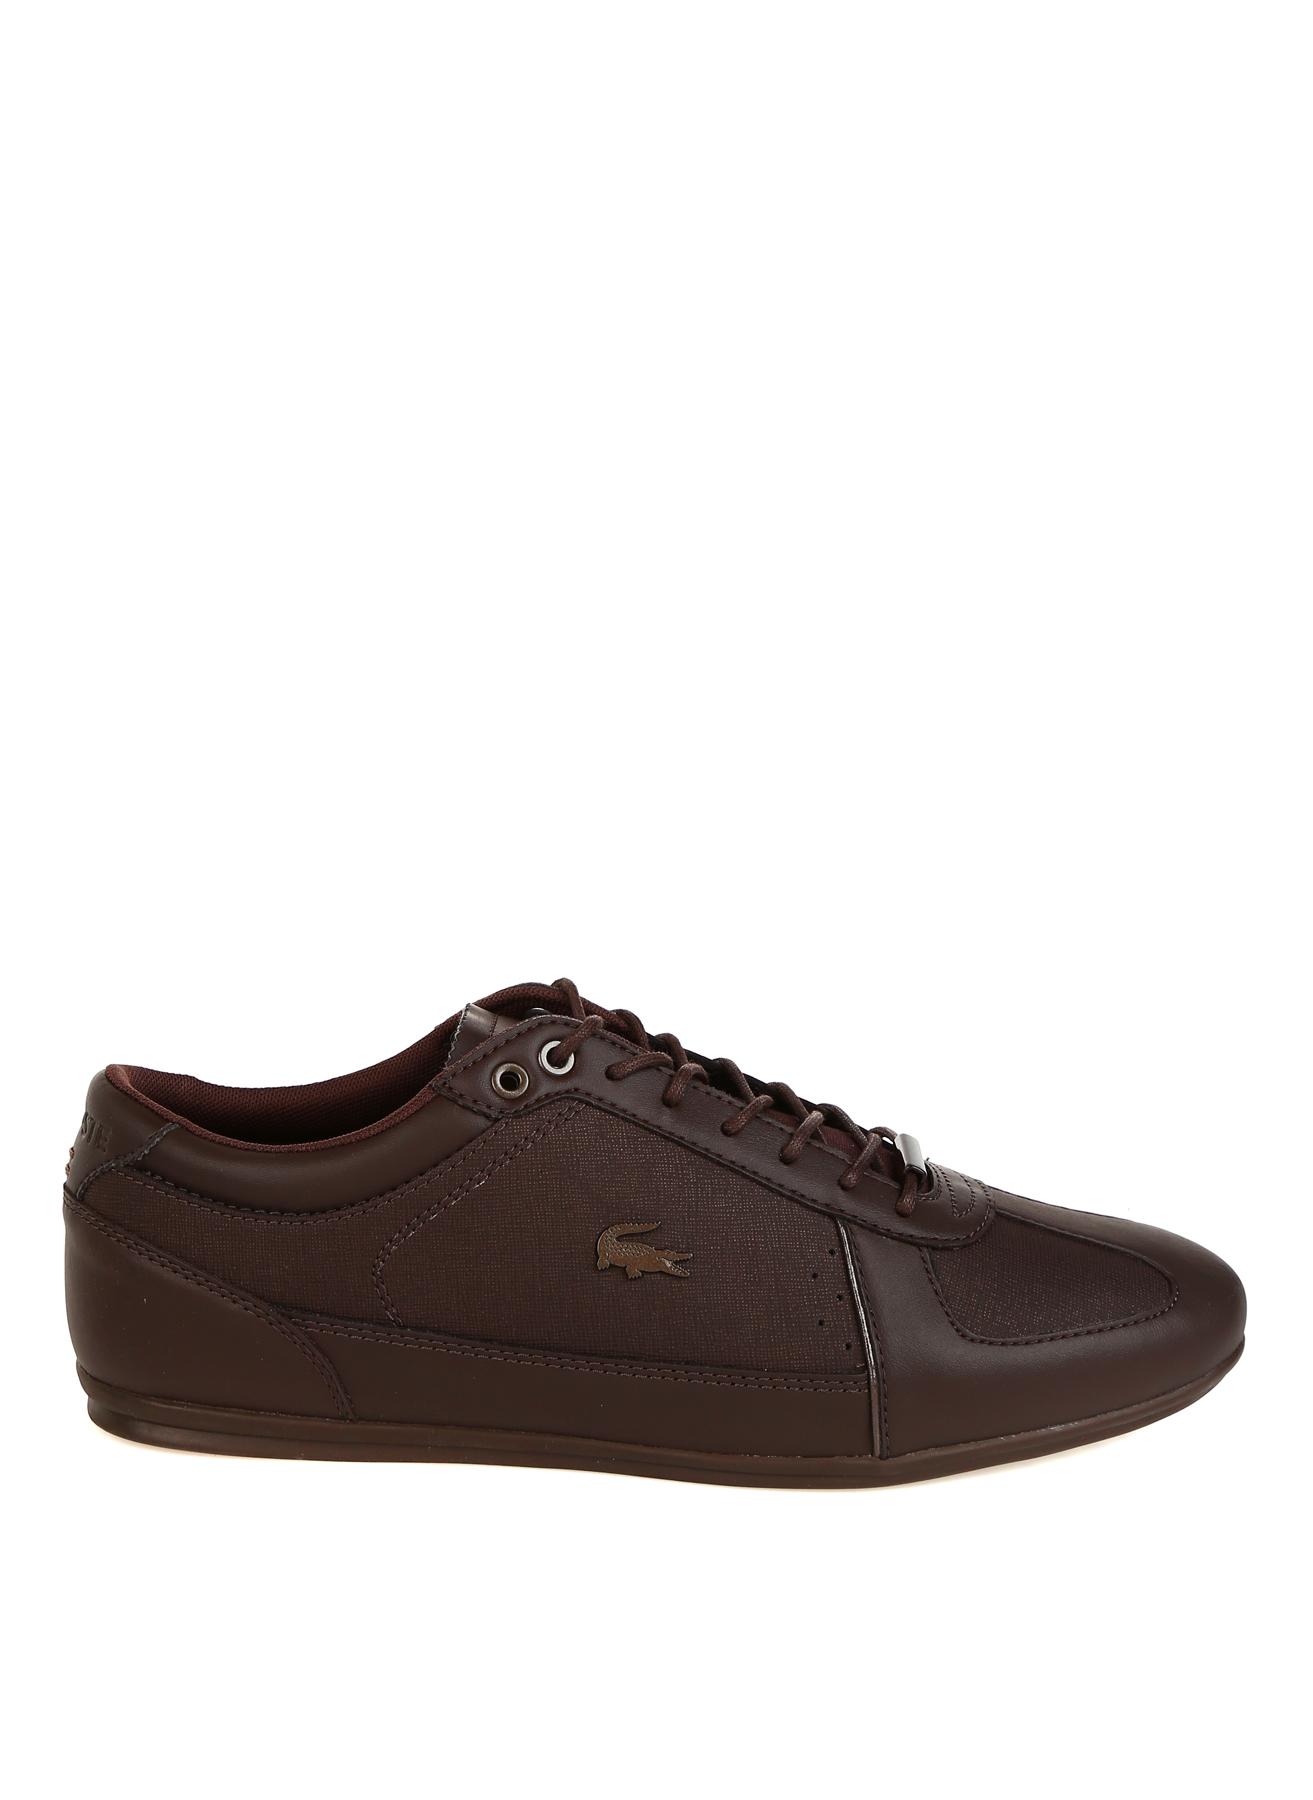 Lacoste Lifestyle Ayakkabı 42 5002314228004 Ürün Resmi